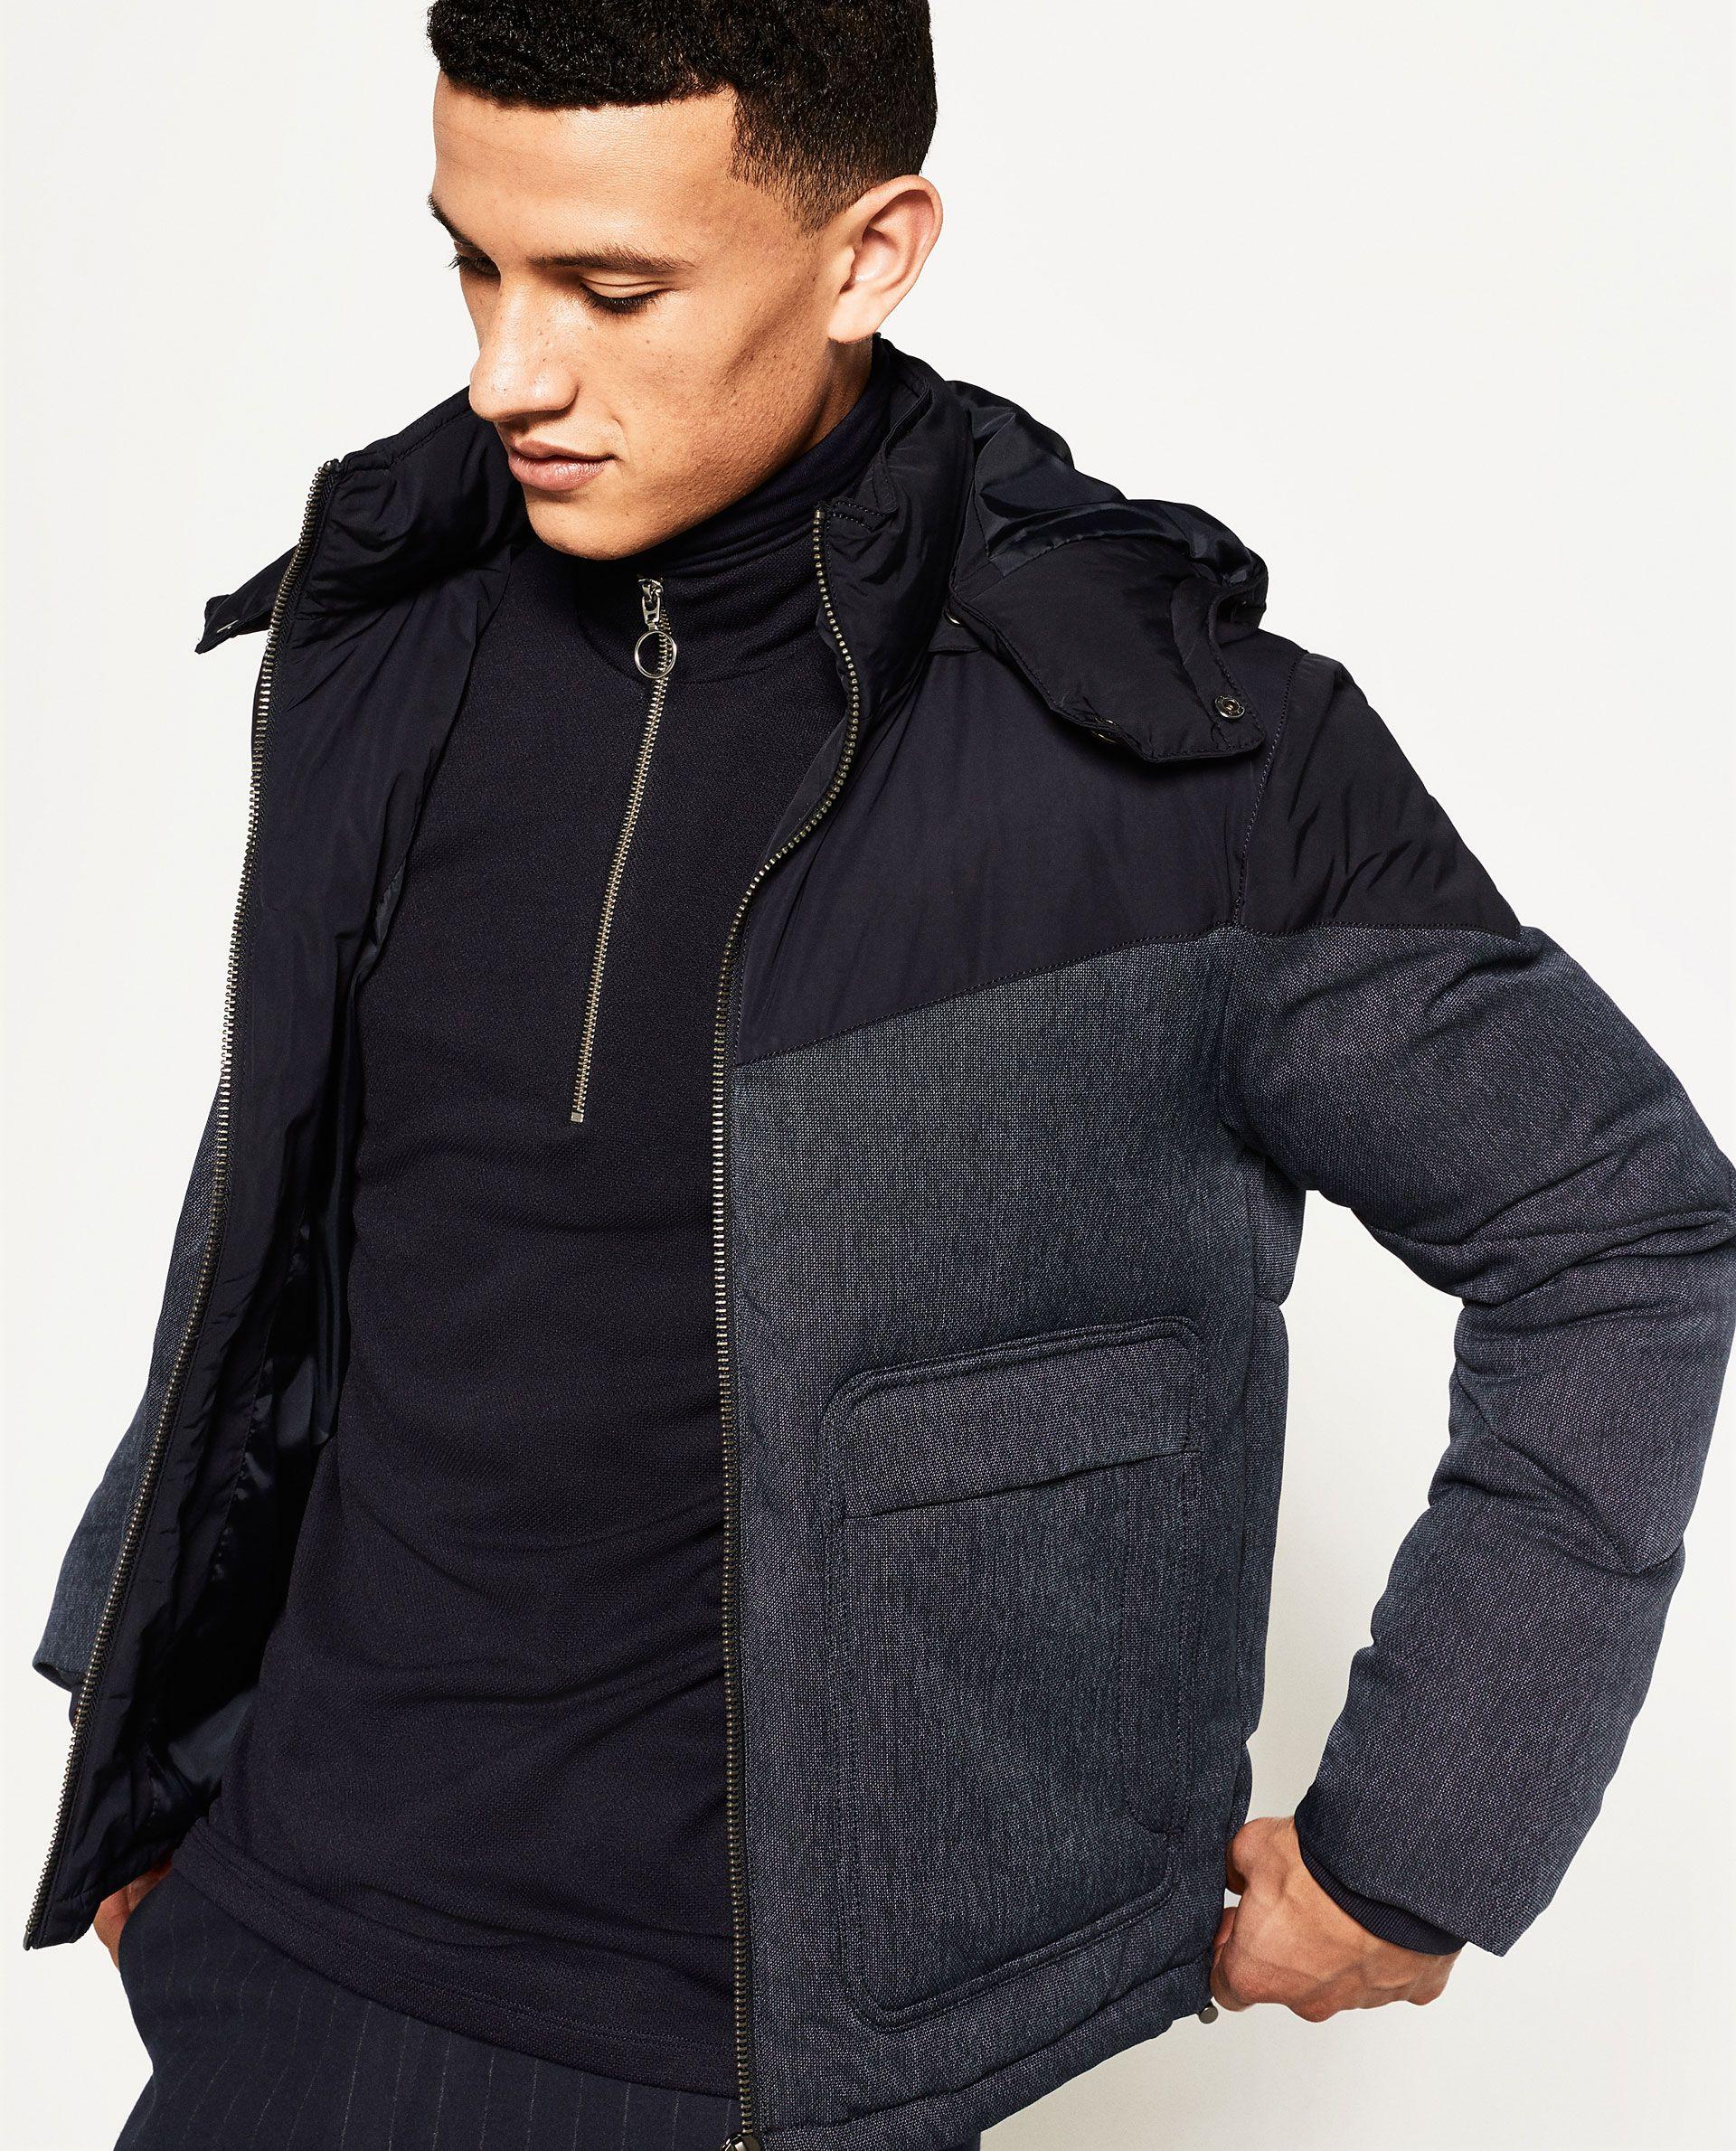 ZARA MAN HOODED JACKET Zara catalogue, Hooded jacket